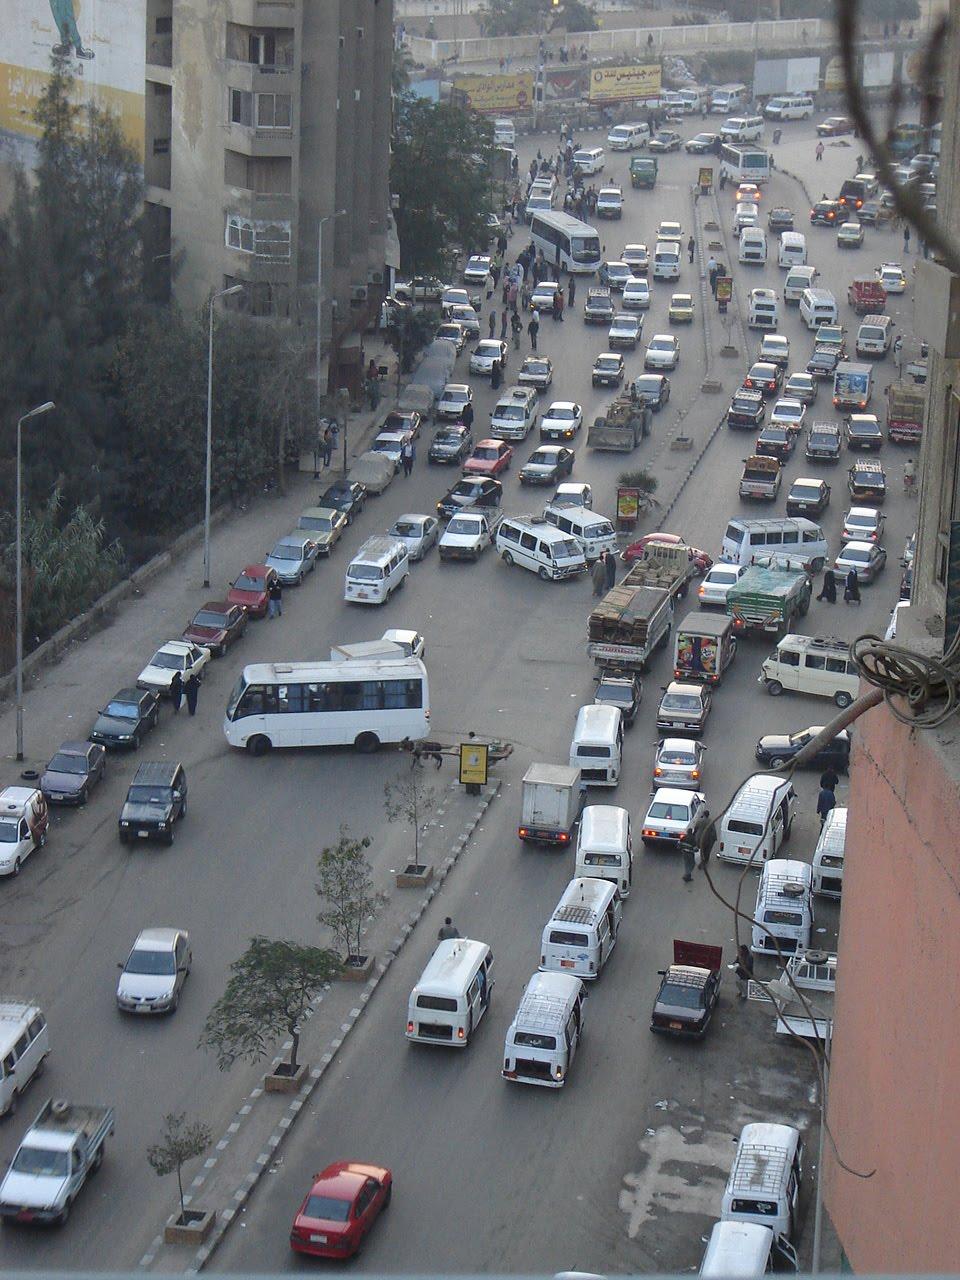 http://1.bp.blogspot.com/-5YA-nIH42IU/TXgr1F32gXI/AAAAAAAAA8c/vDPvovkszOc/s1600/Egipto2.JPG